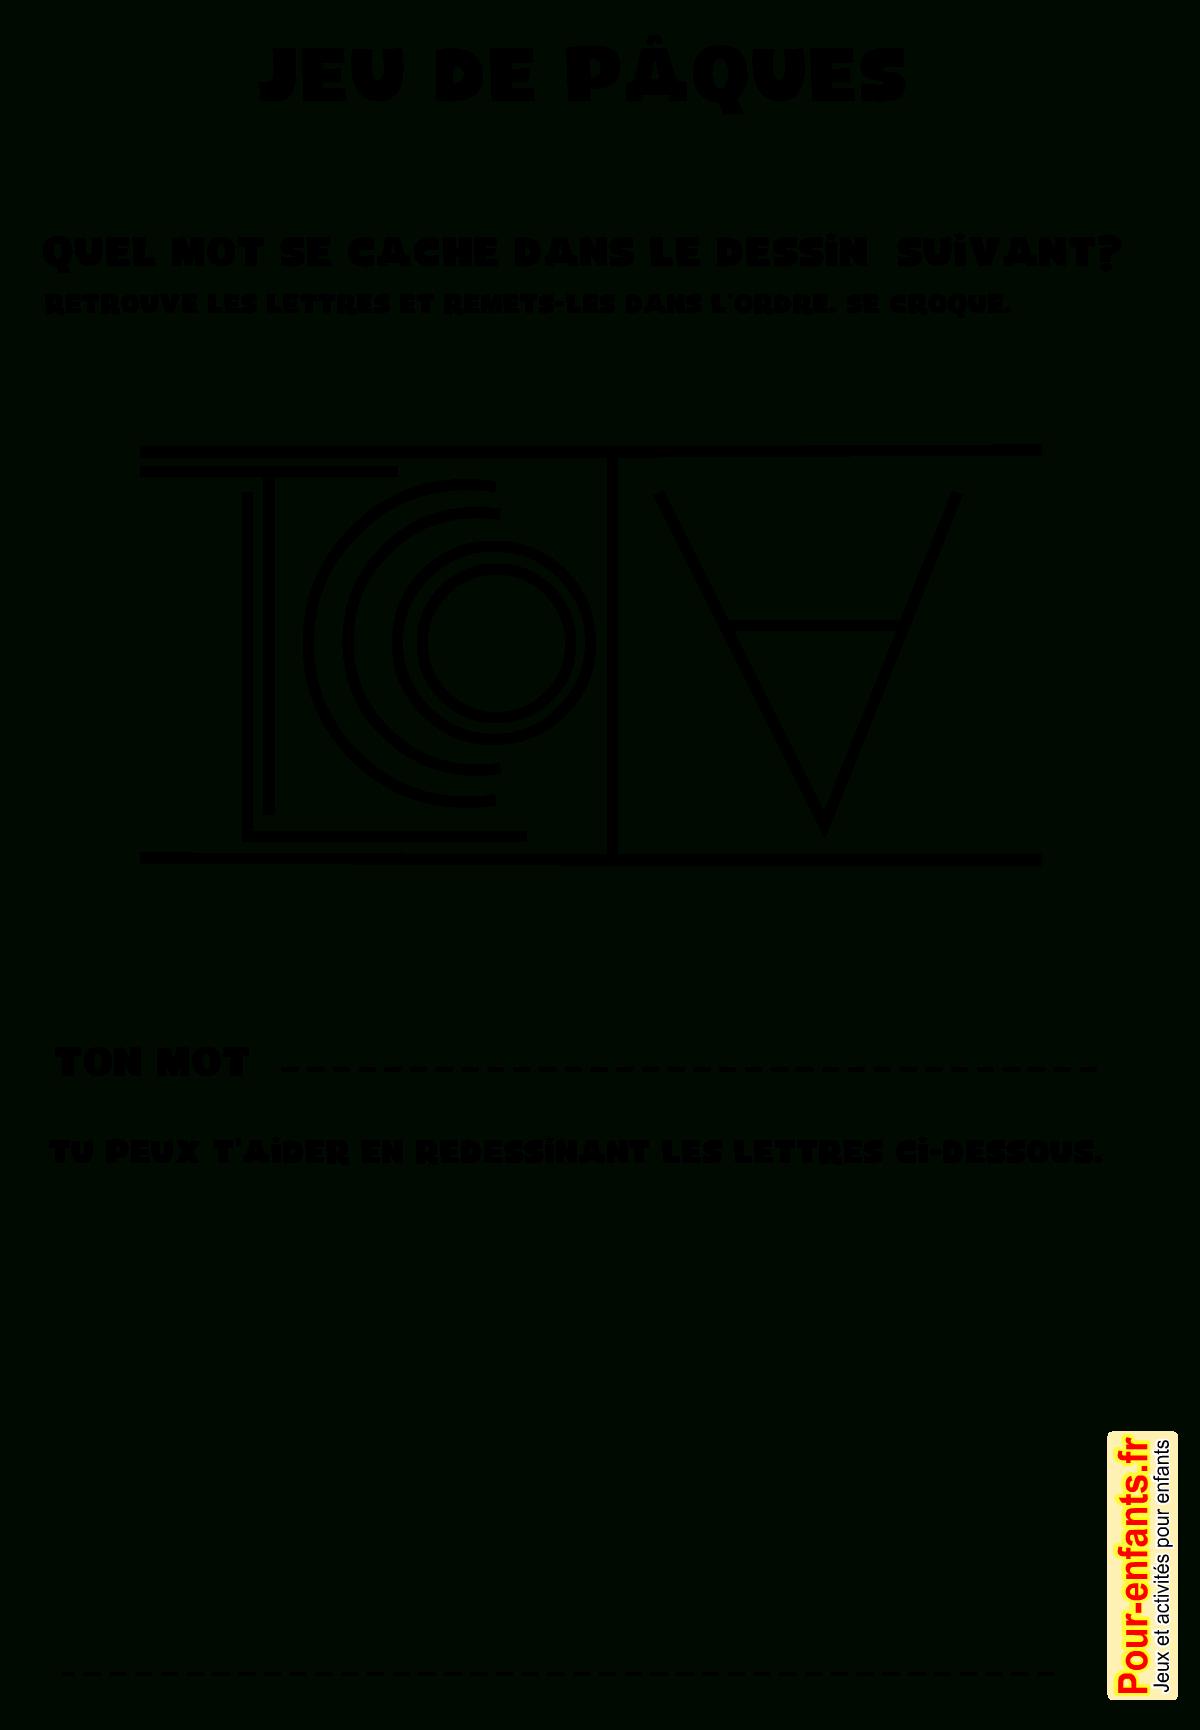 Jeux De Pâques À Imprimer Jeu De Mots Avec Solution avec Jeux De Cm1 Gratuit